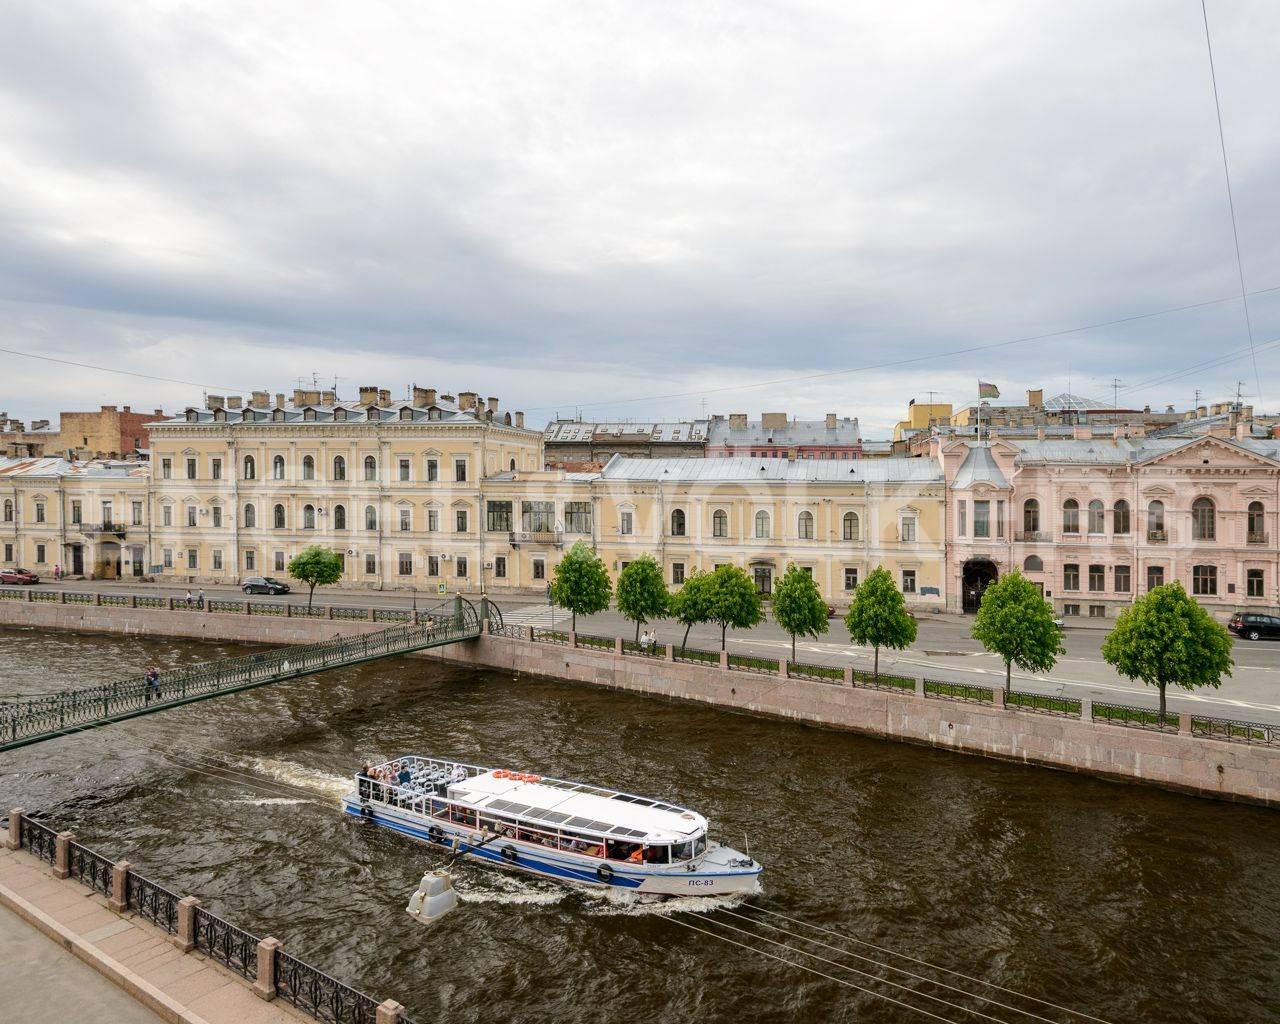 Элитные квартиры в Центральном районе. Санкт-Петербург, Наб. реки Мойки, 84. Вид из окна гостиной на набережную реки Мойки и Почтамтский мост